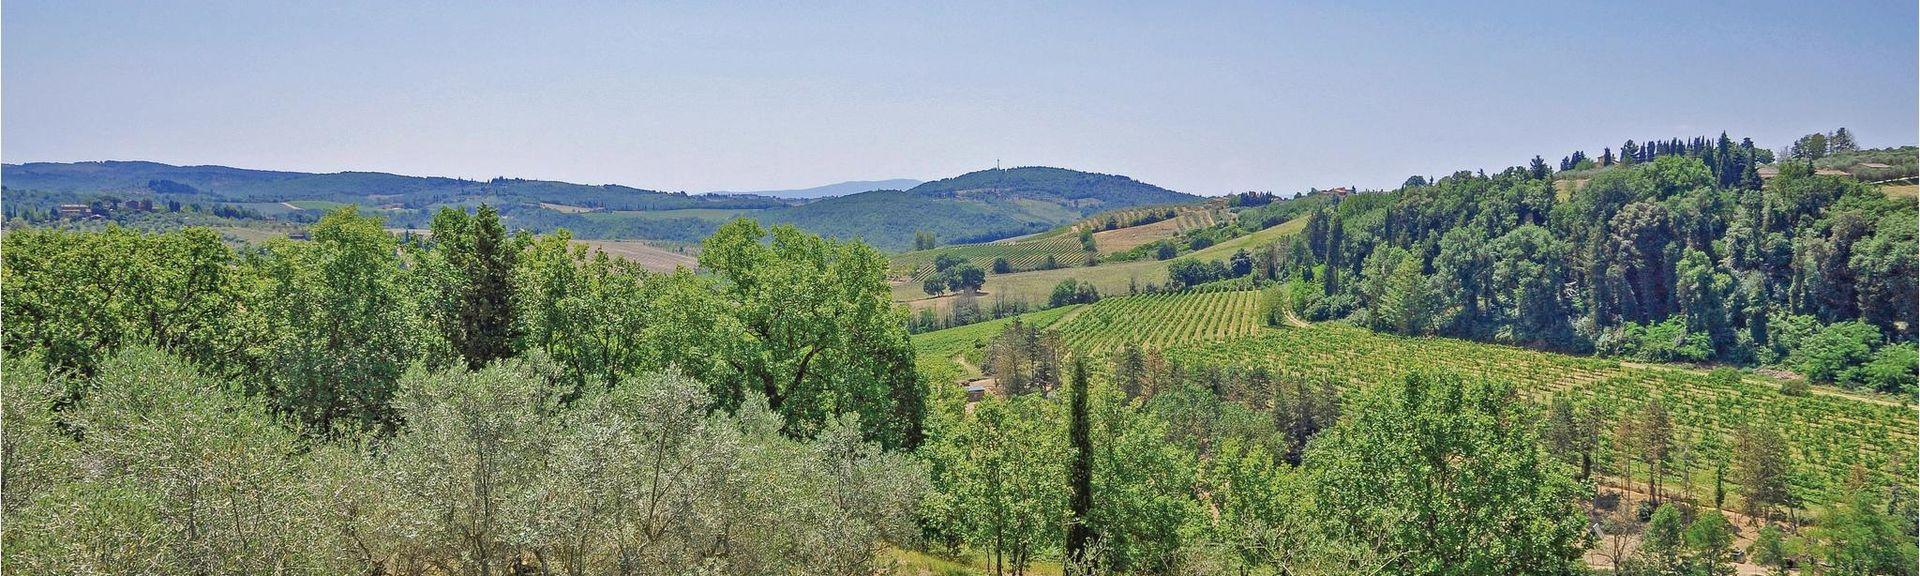 Serravalle Pistoiese, Tuscany, Italy